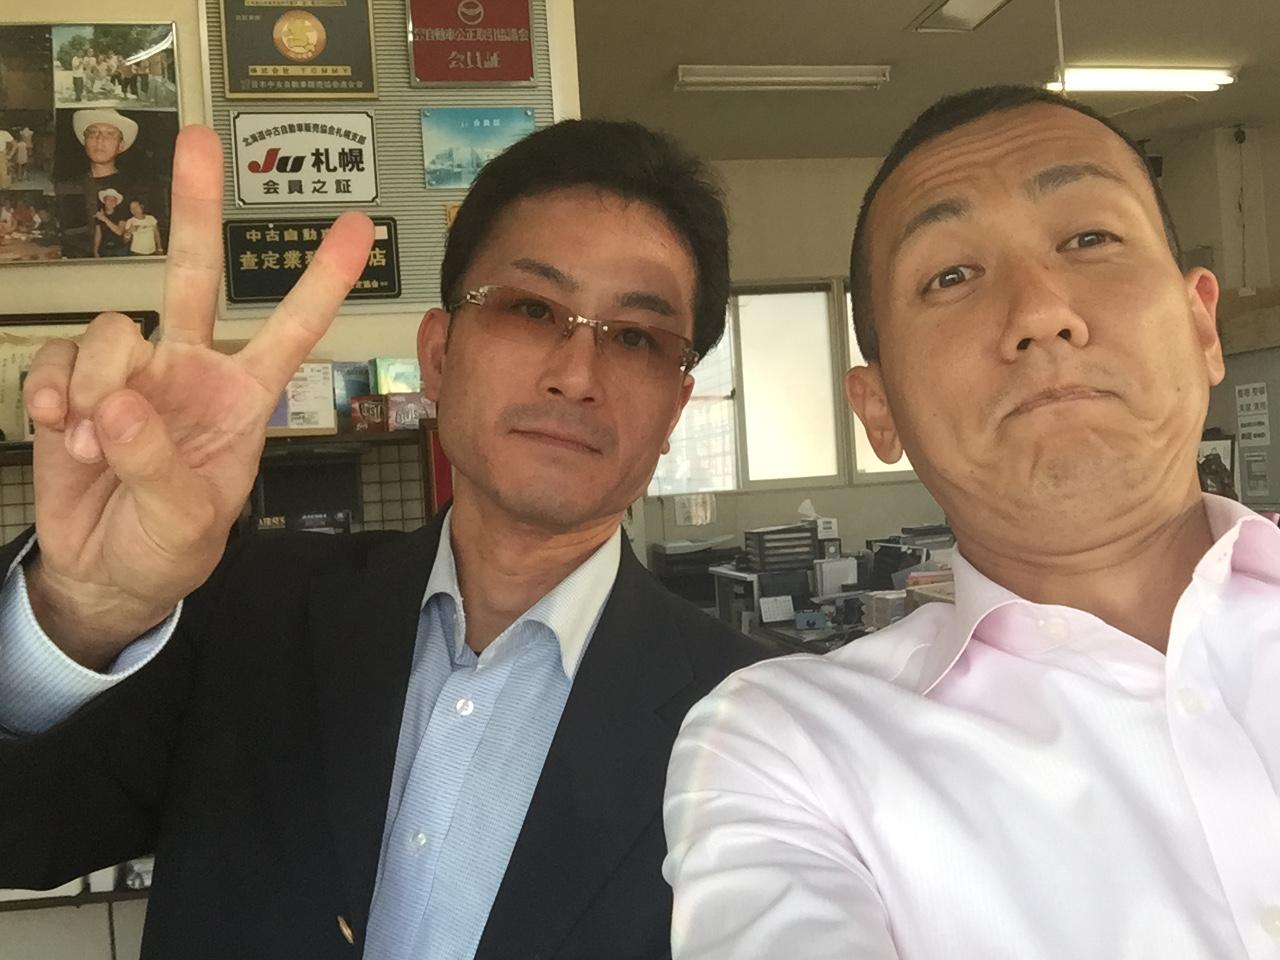 6月19日 金曜日! 店長のニコニコブログ!!_b0127002_20375167.jpg